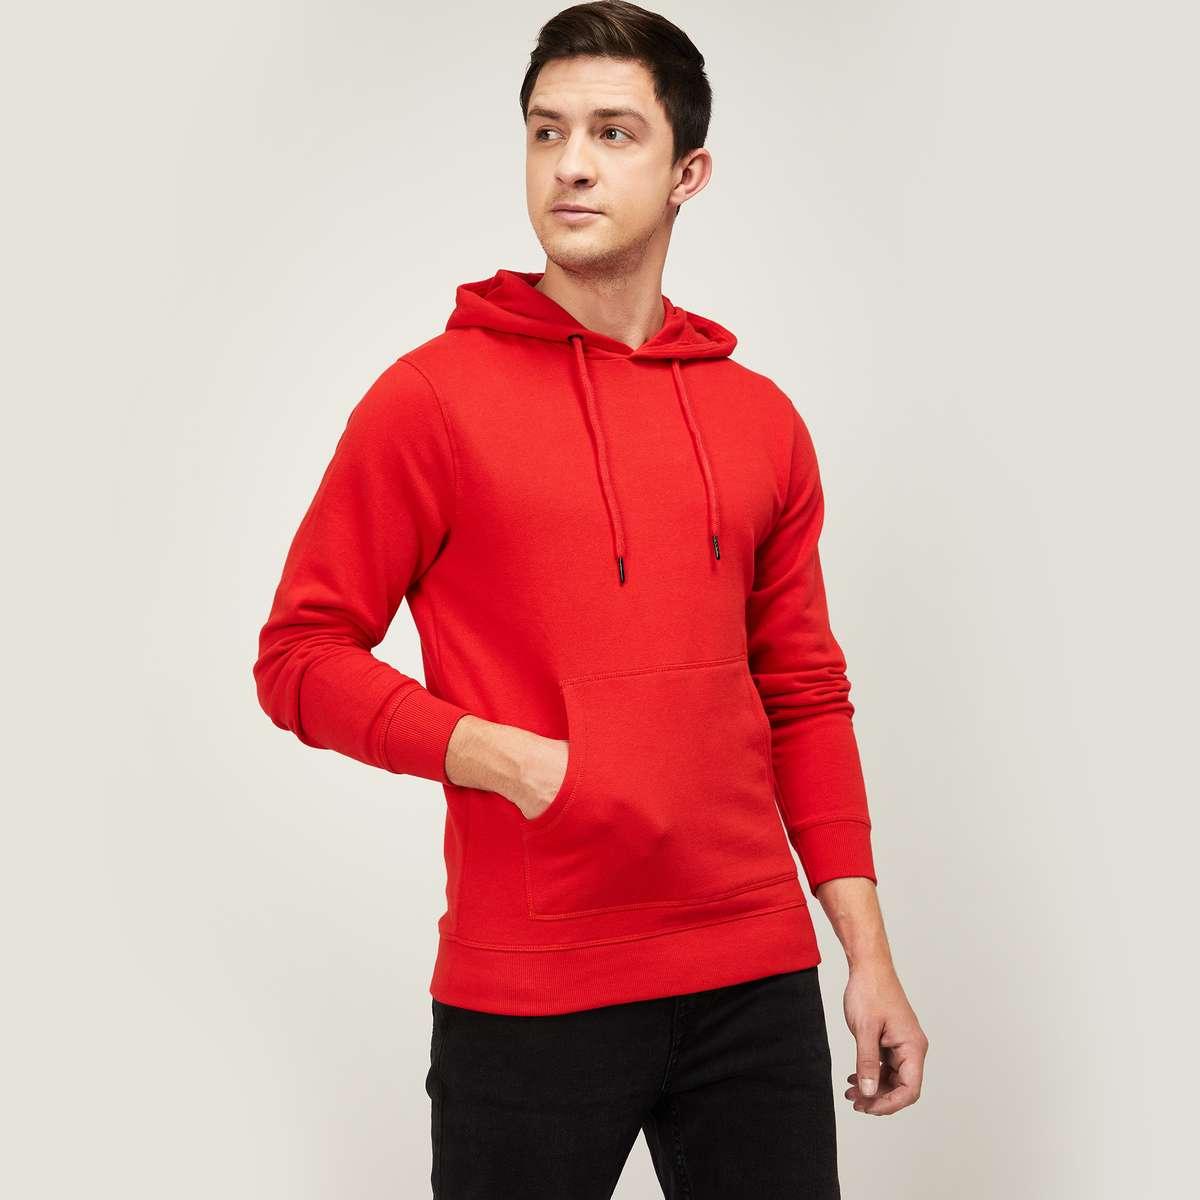 5.DENIMIZE Men Solid Hooded Sweatshirt